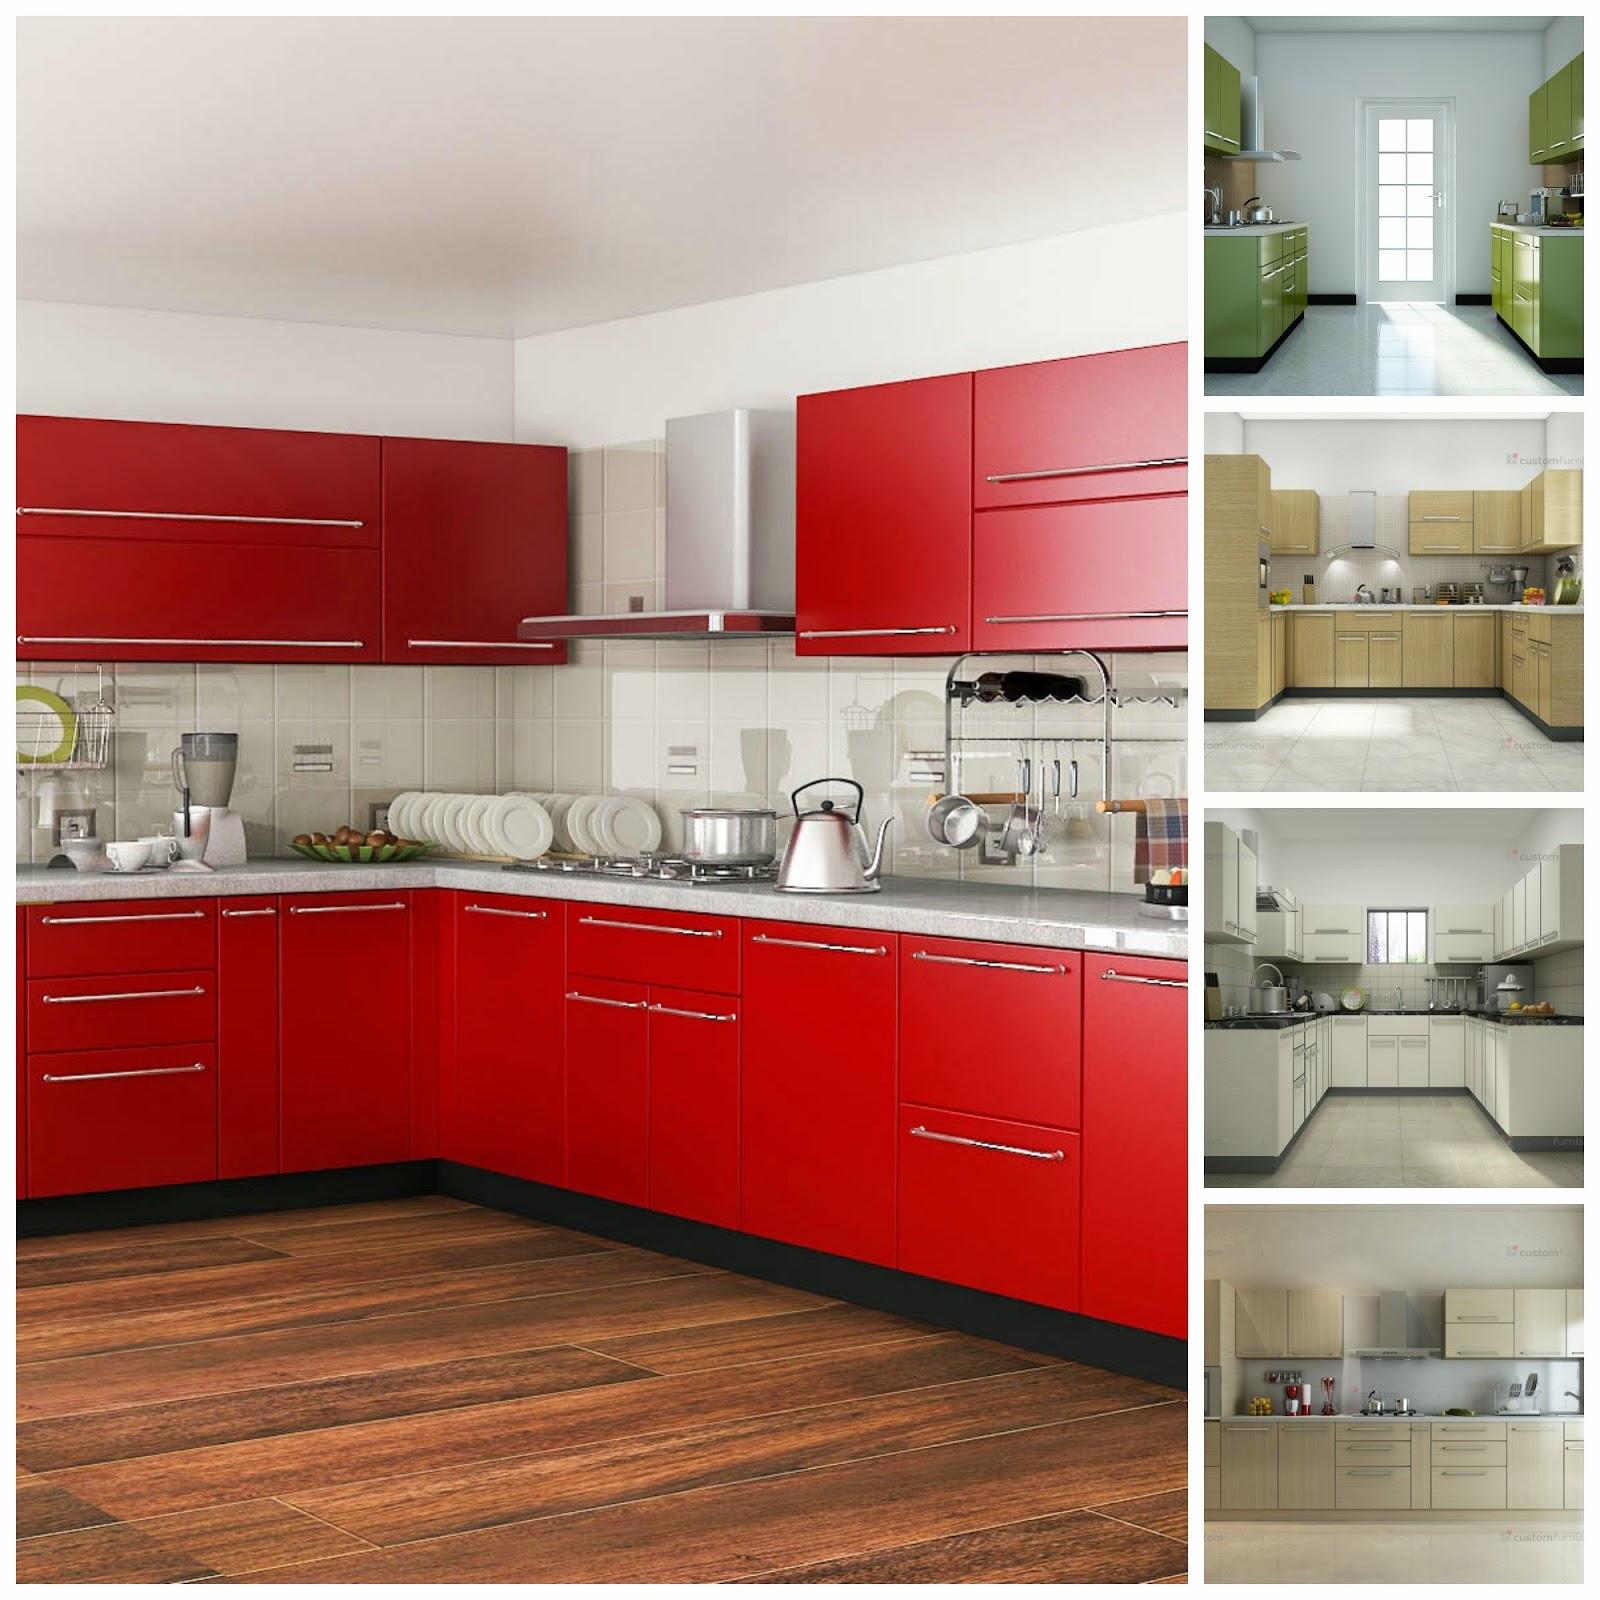 Modular Kitchens buying guide  Interior Decor Blog  Customfurnishcom